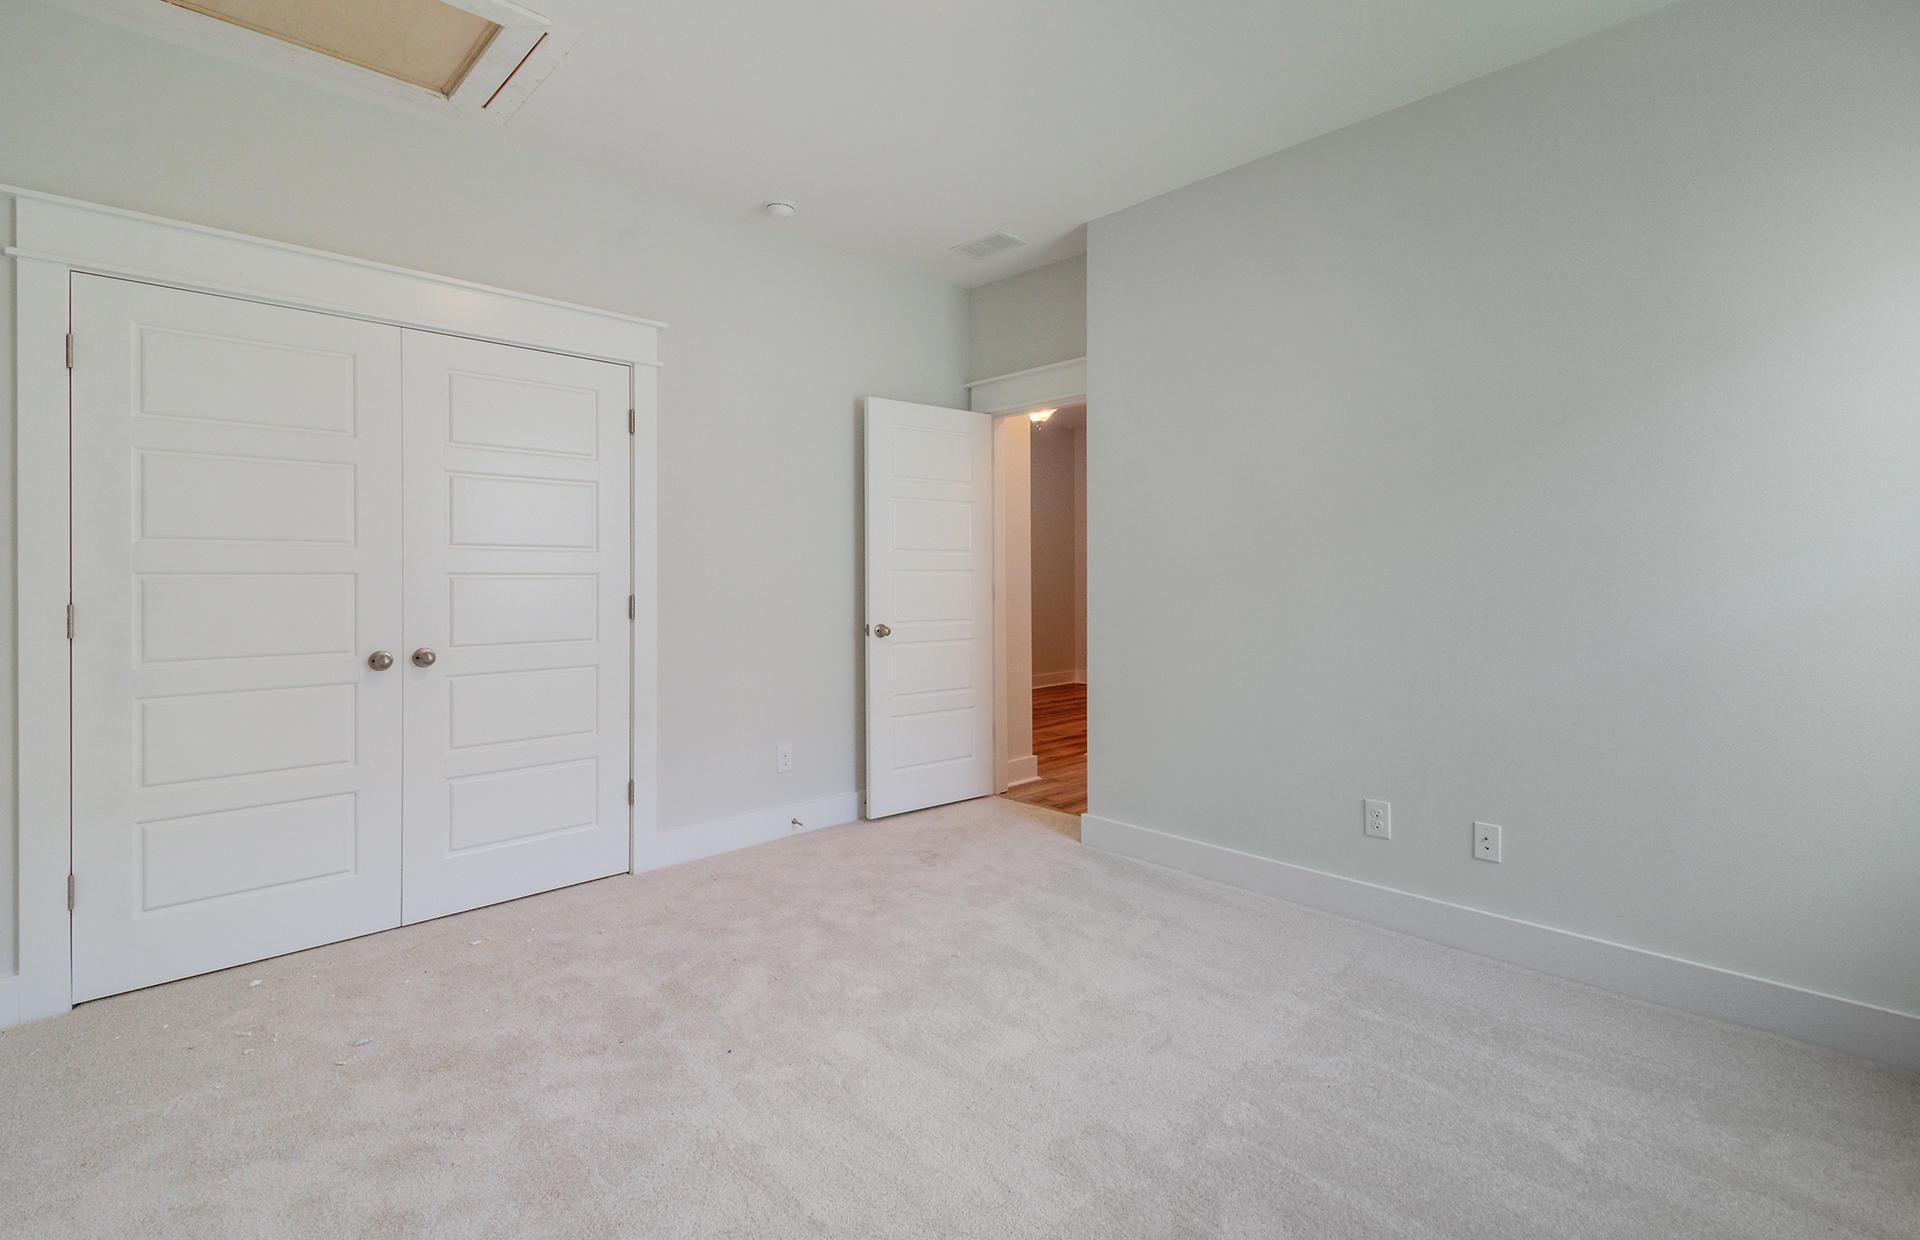 Park West Homes For Sale - 3032 Caspian, Mount Pleasant, SC - 8